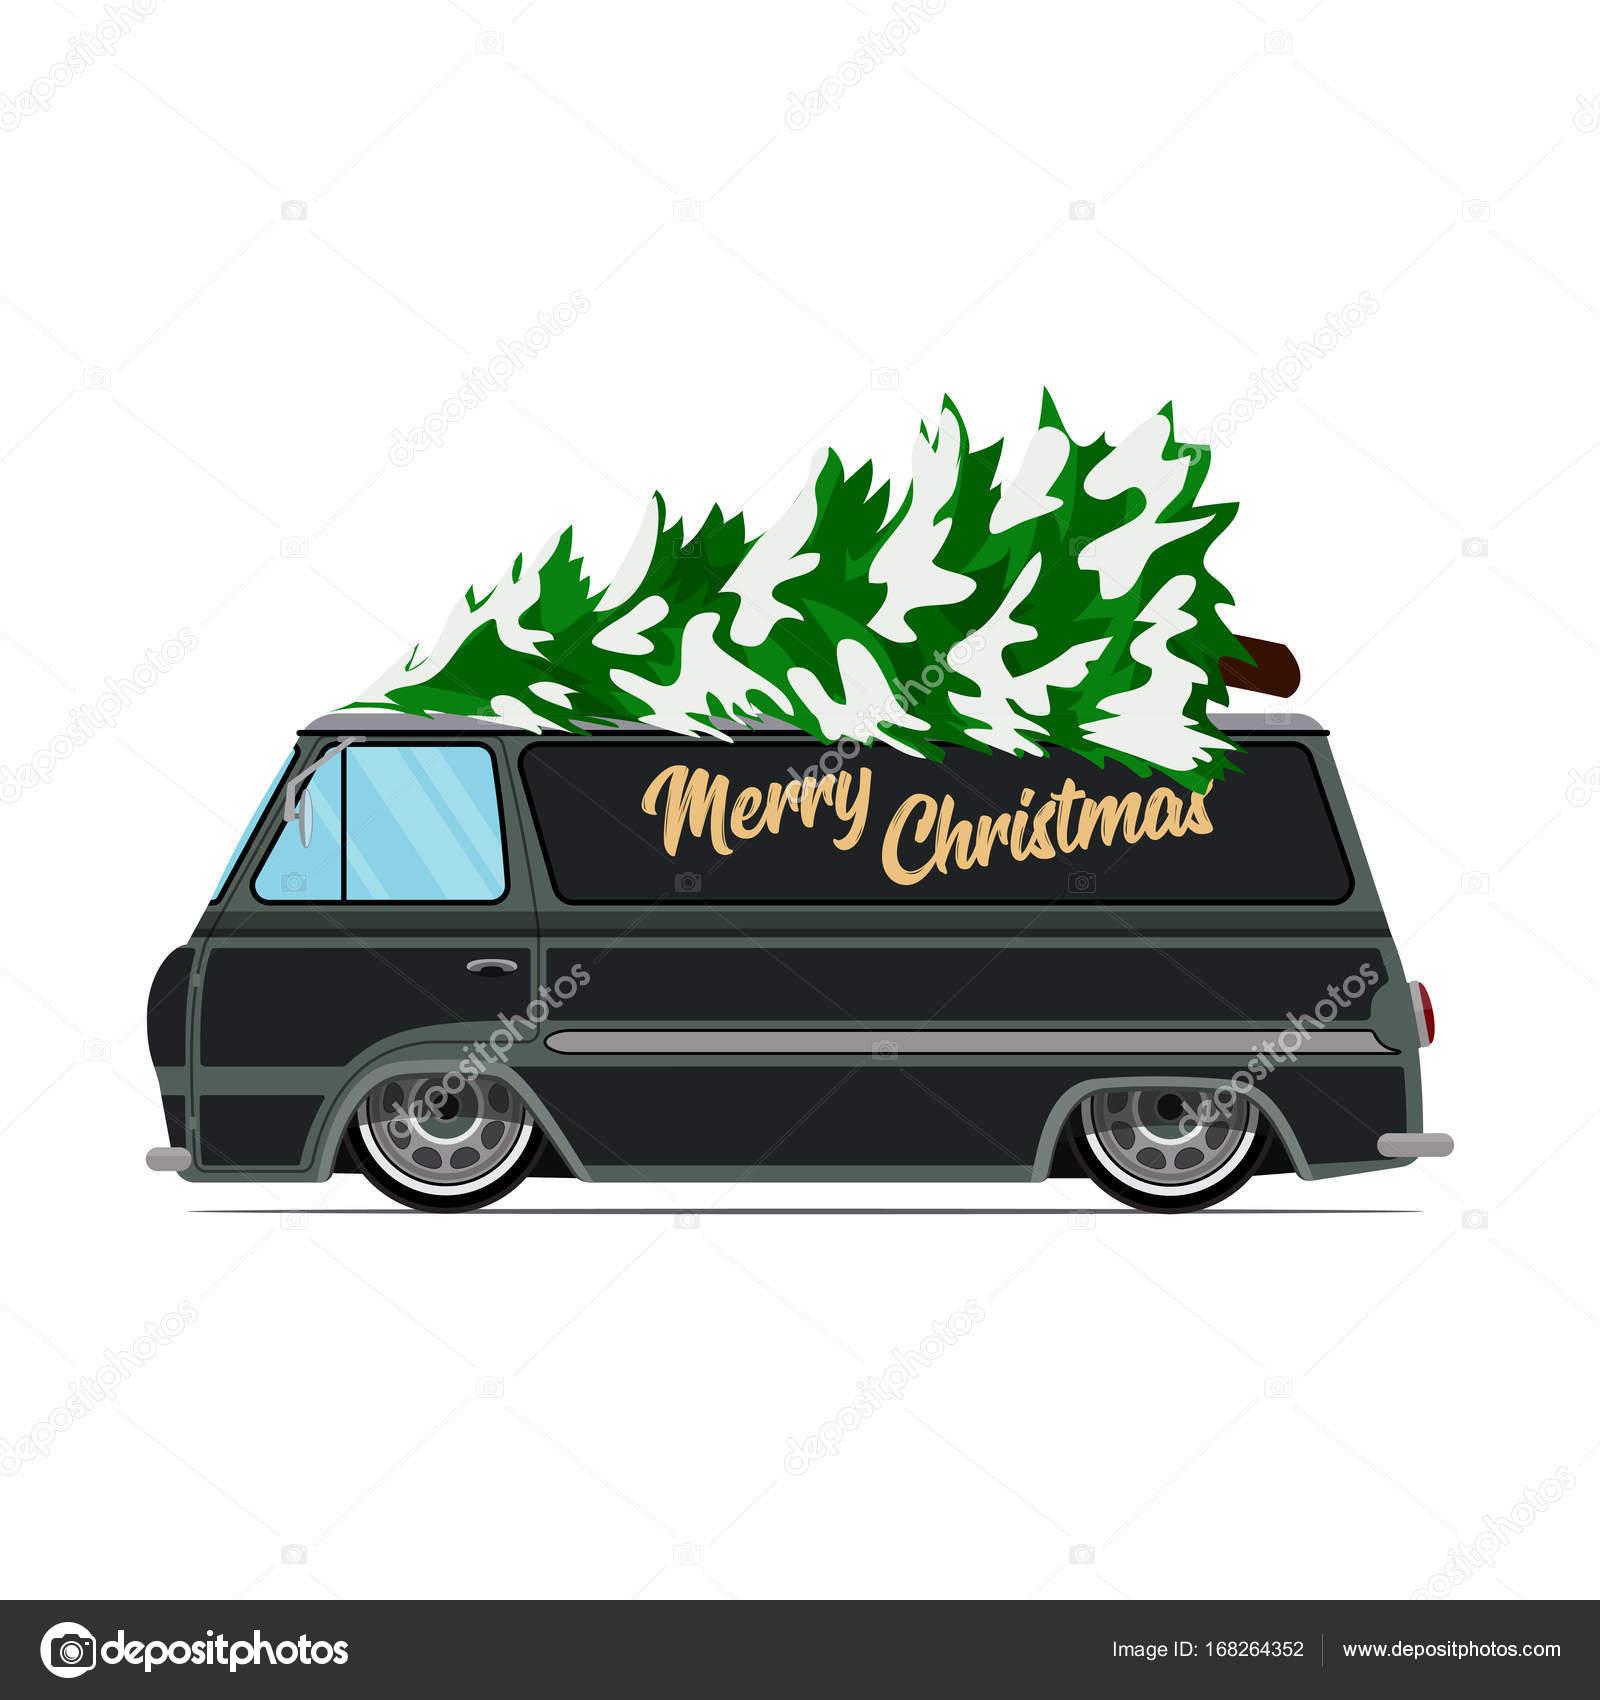 Vintage Groene Auto Met Kerstboom Kerst Foto Groene Vrachtwagen